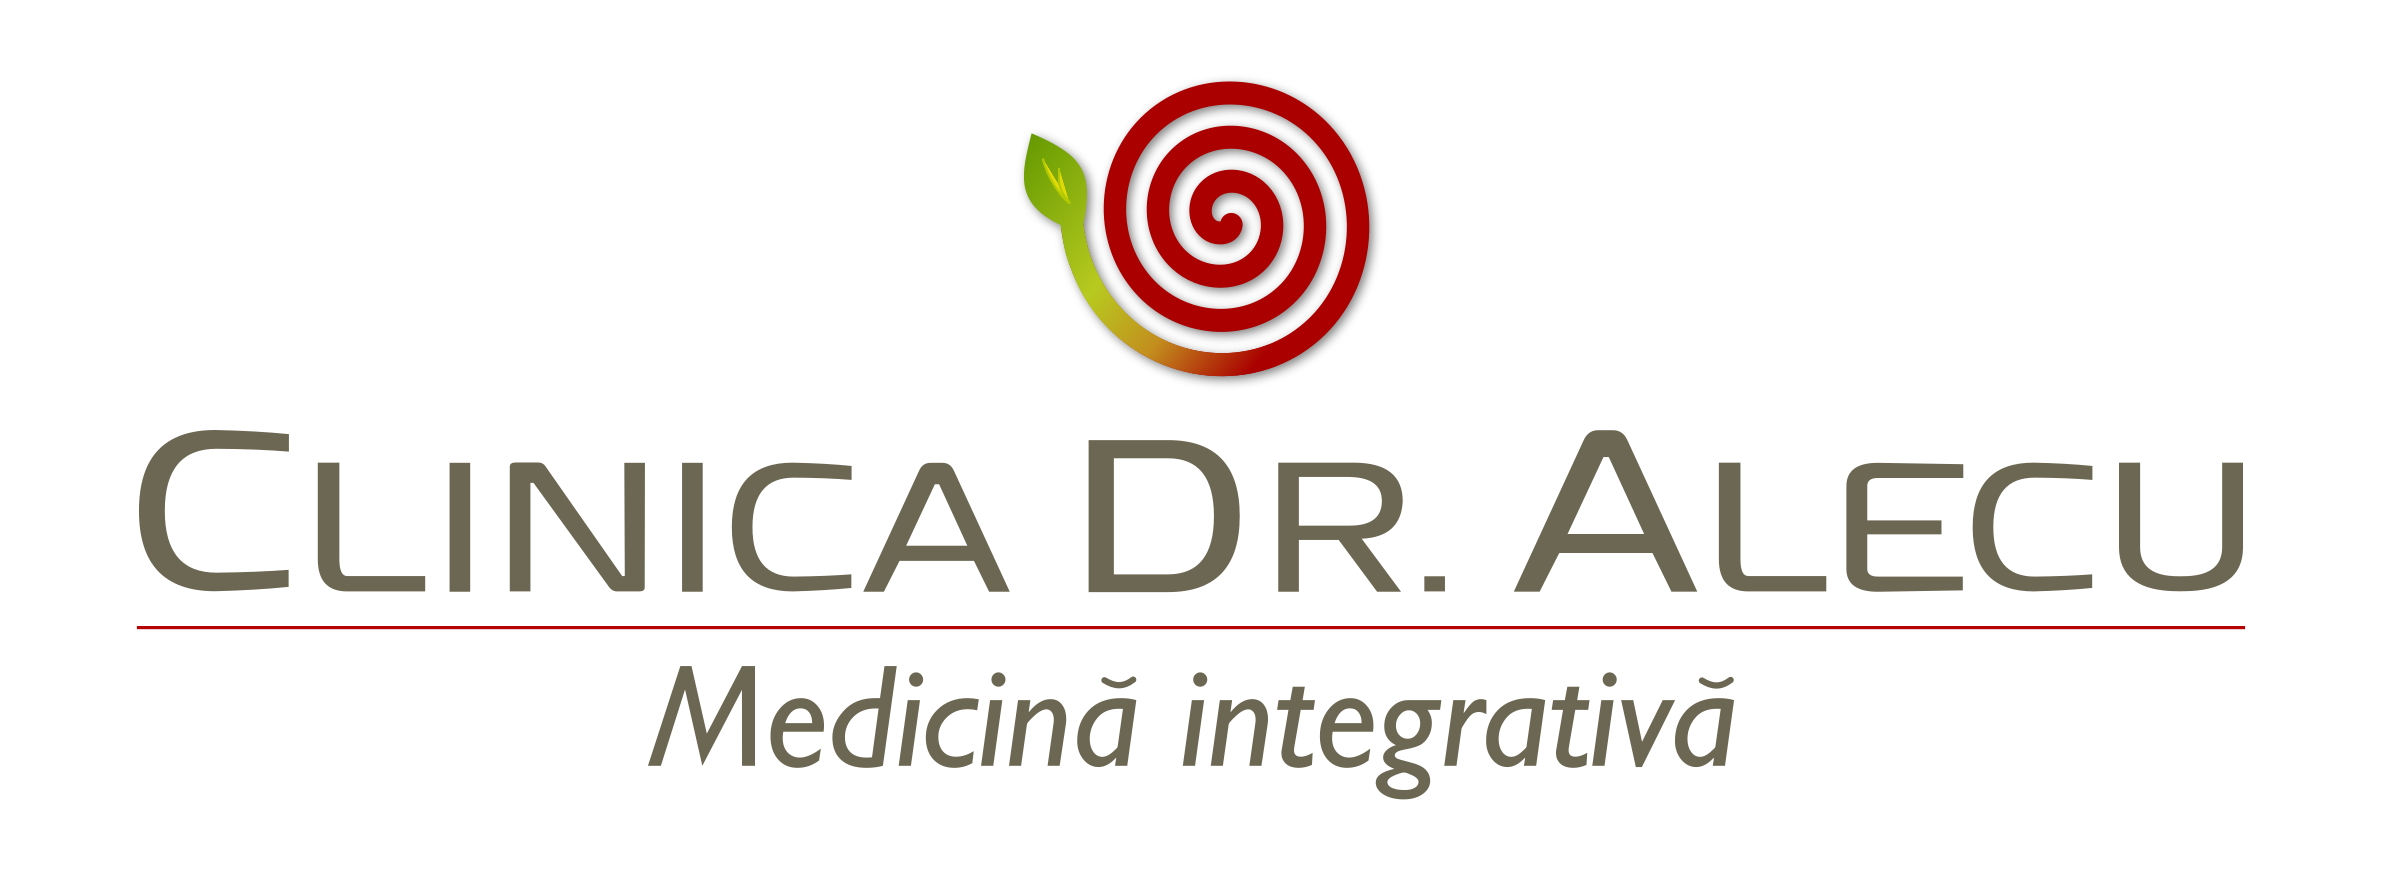 Clinica Dr. Alecu